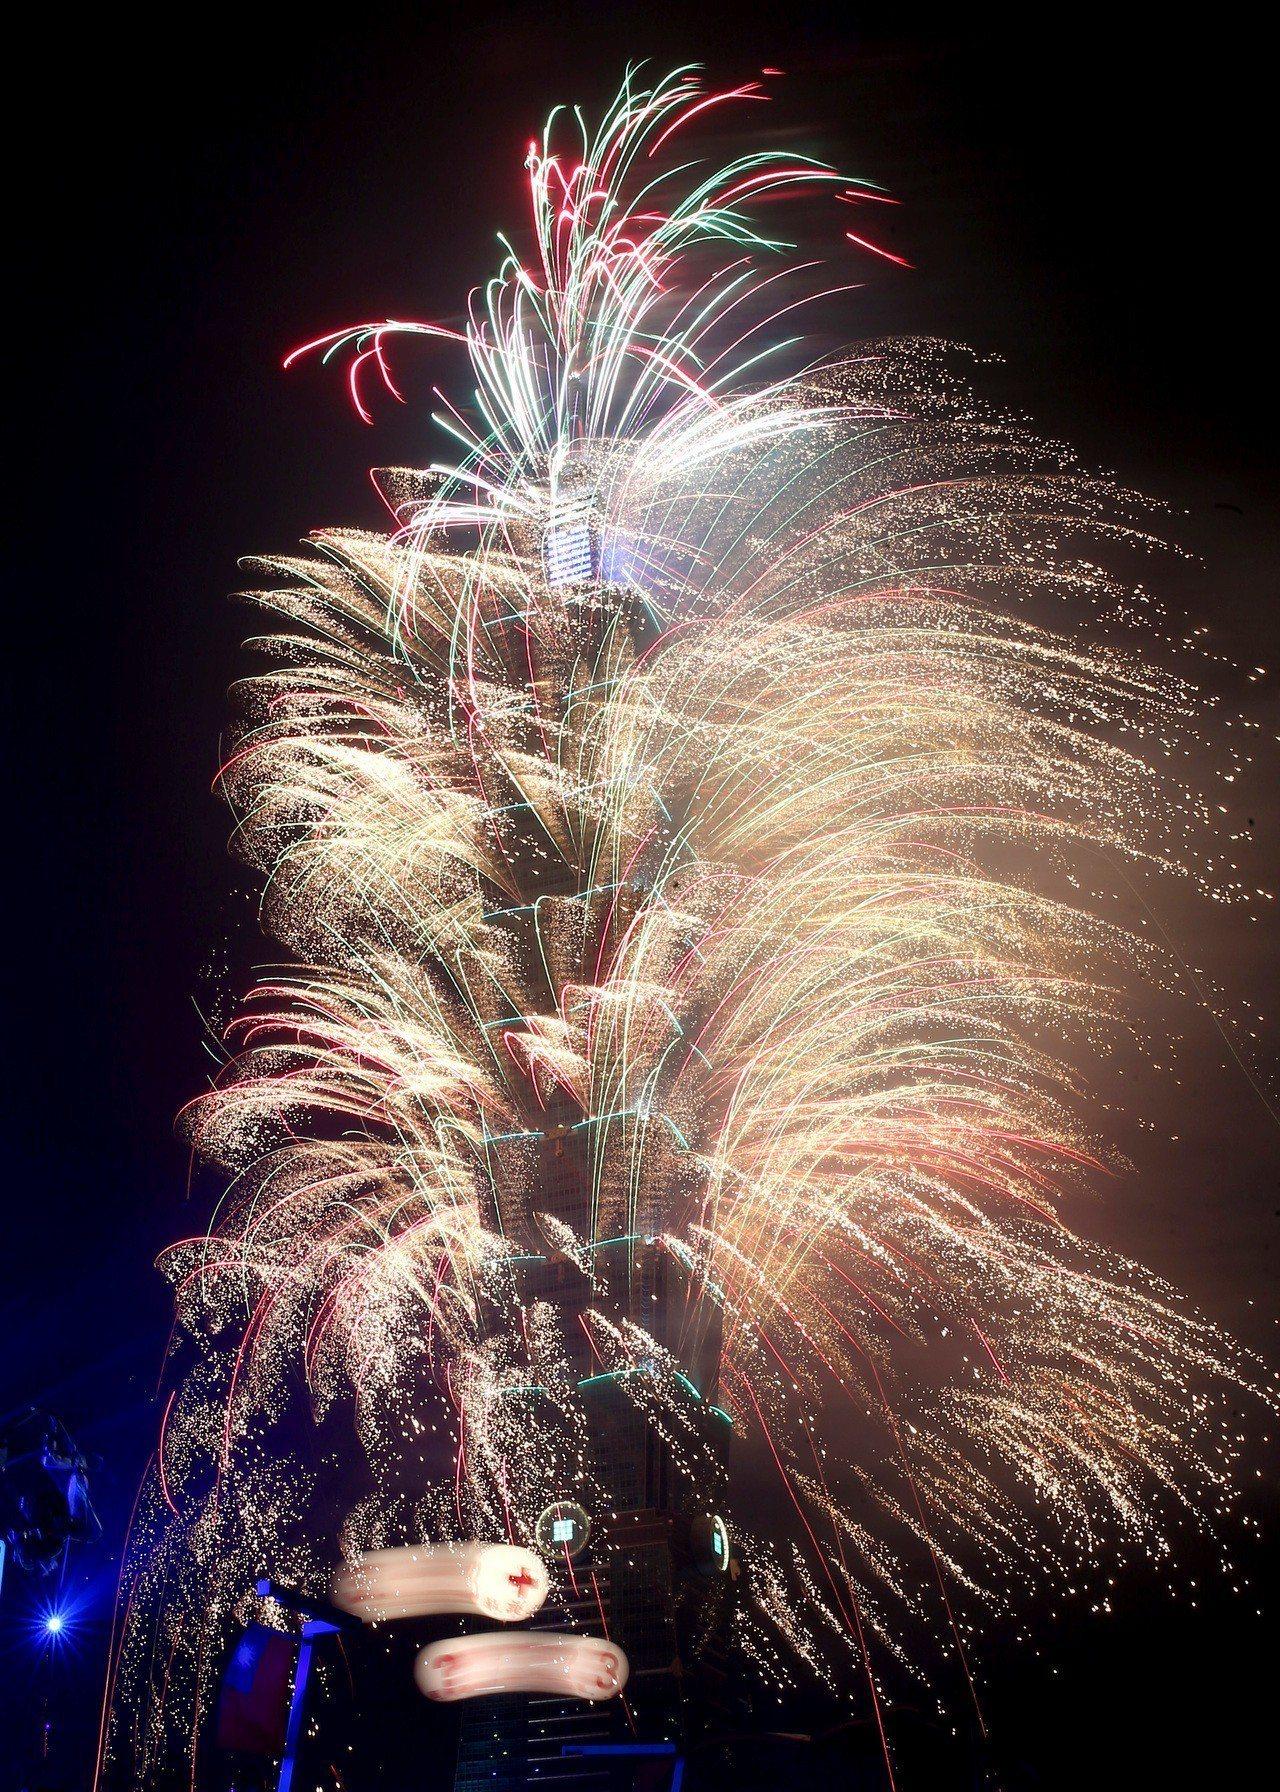 台北101的煙火秀和演唱會,已經成為信義區跨年夜的重點活動,每年都能吸引多達百萬...